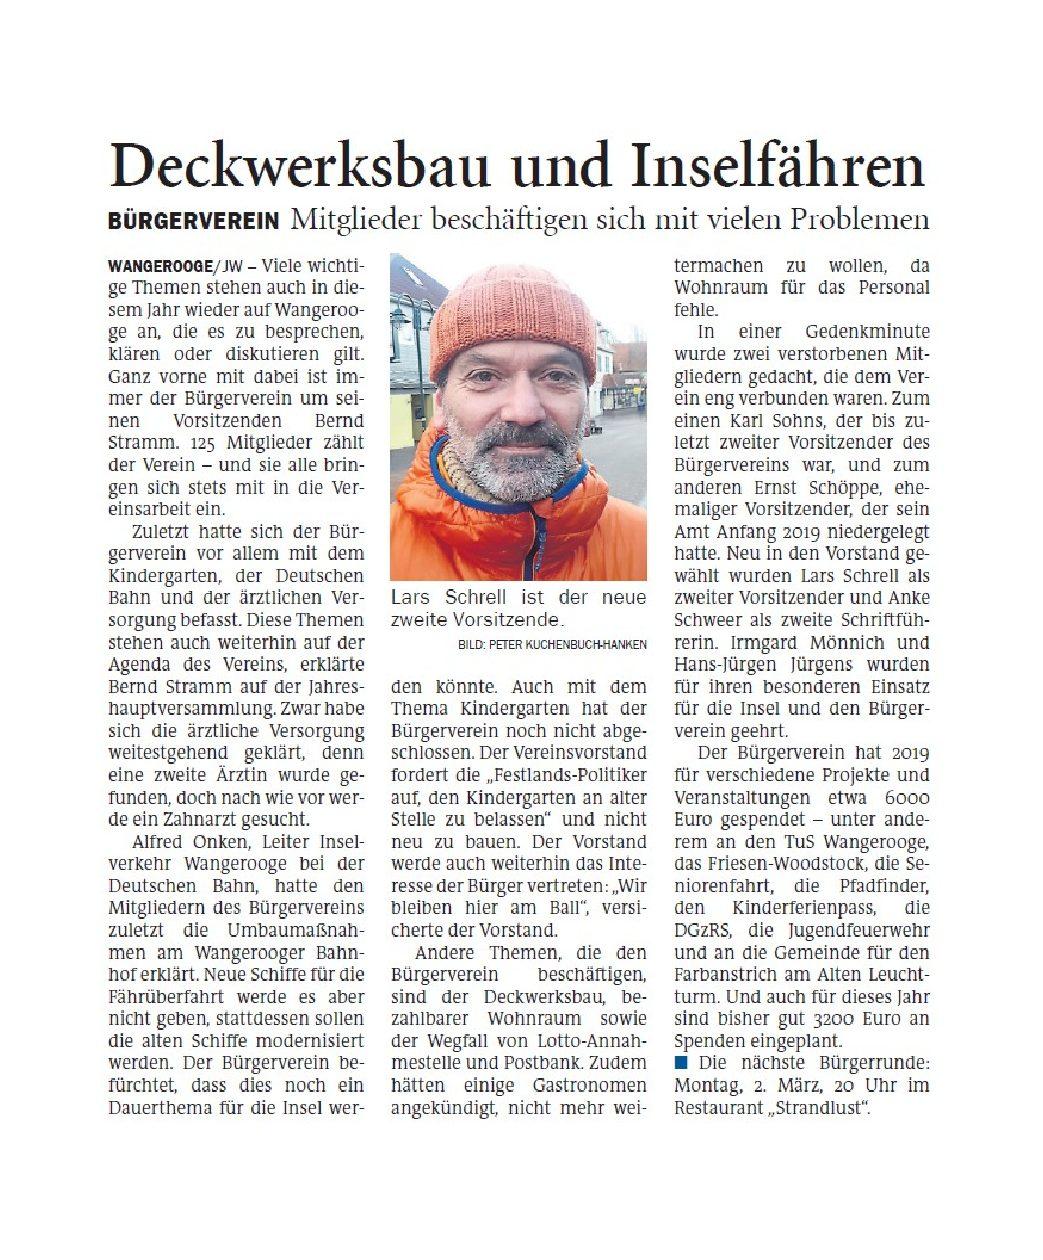 Jeversches Wochenblatt 20.02.2020 II